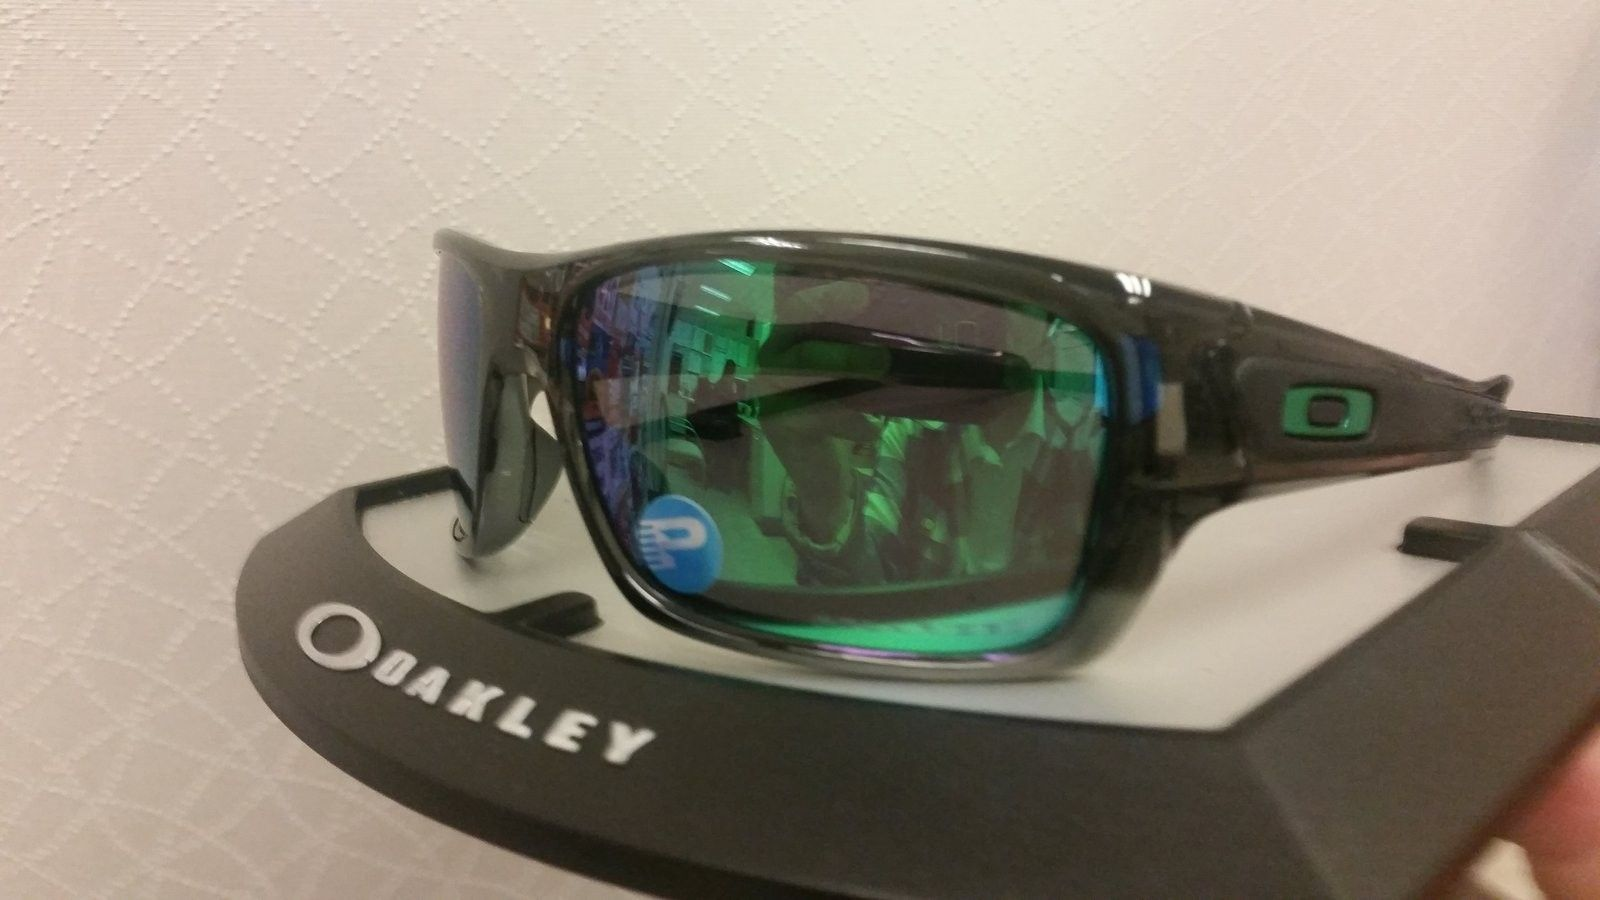 Few pairs for sale - uploadfromtaptalk1427984701501.jpg